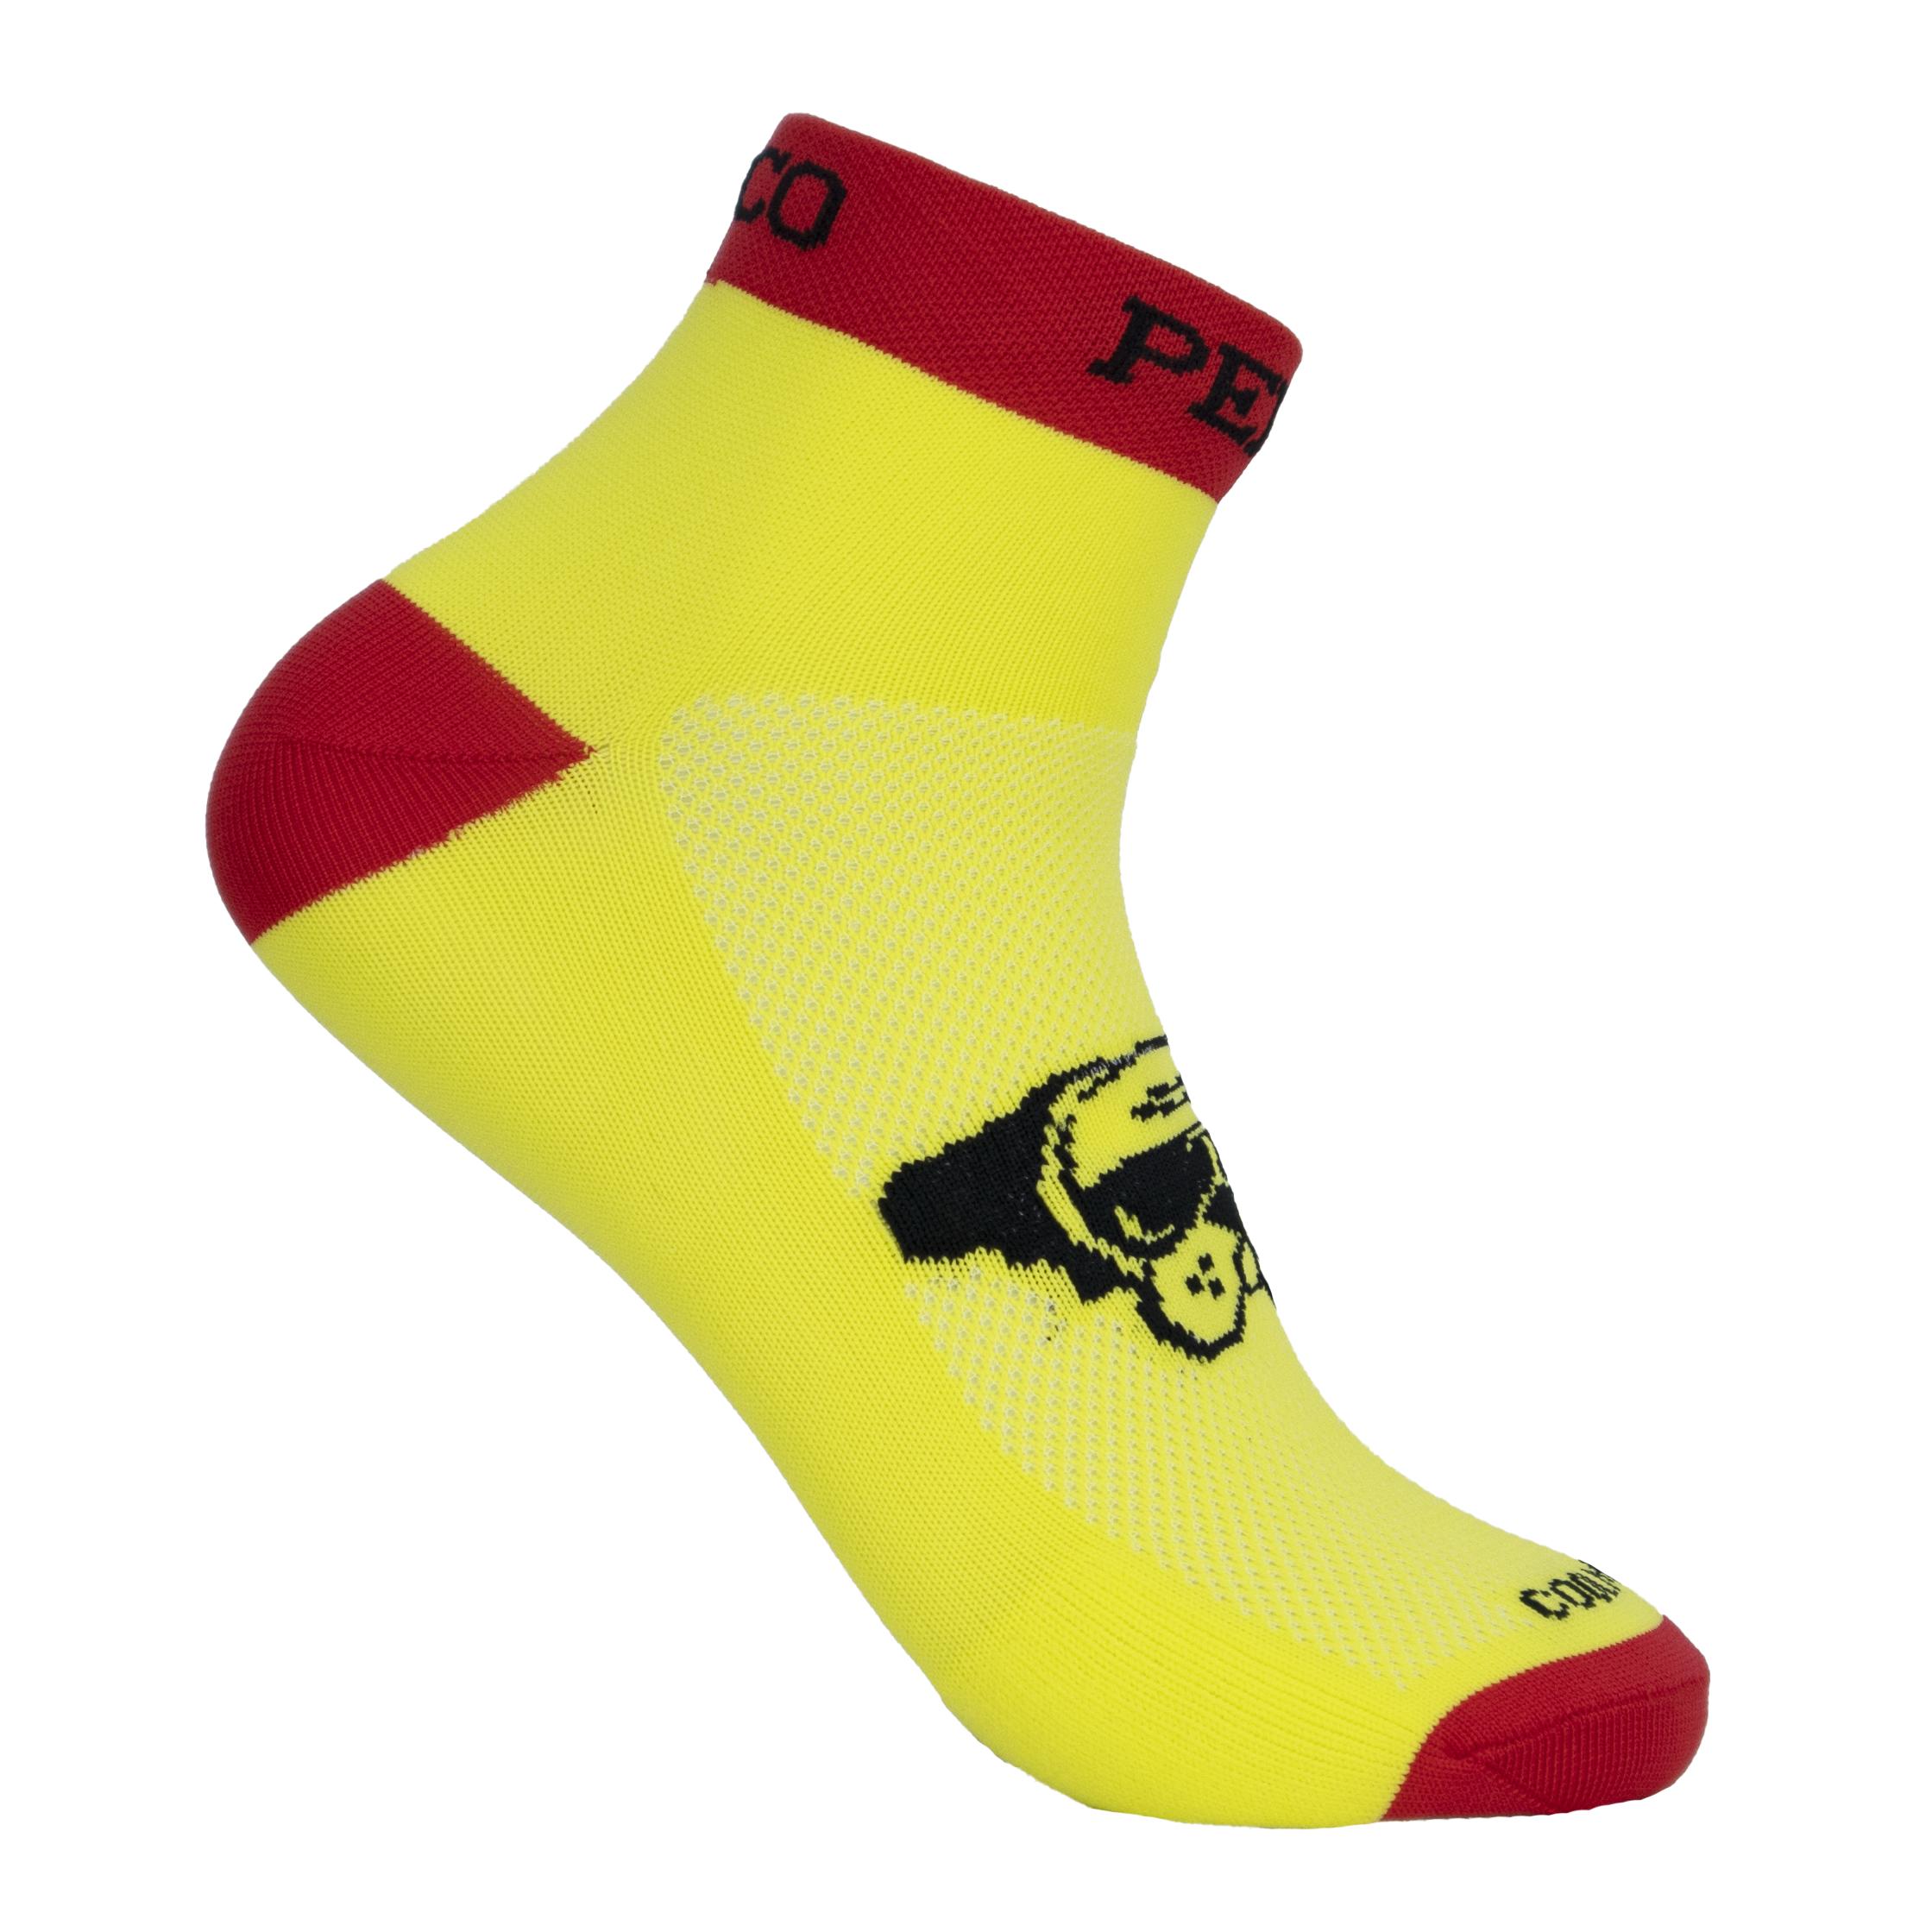 Calcetines tobilleros running amarillos